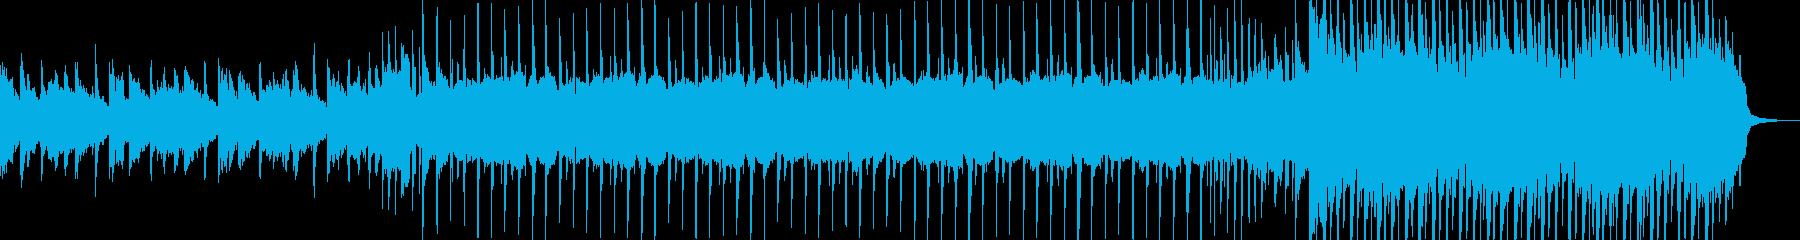 ポップ・明るい・楽しい・トロピカルの再生済みの波形